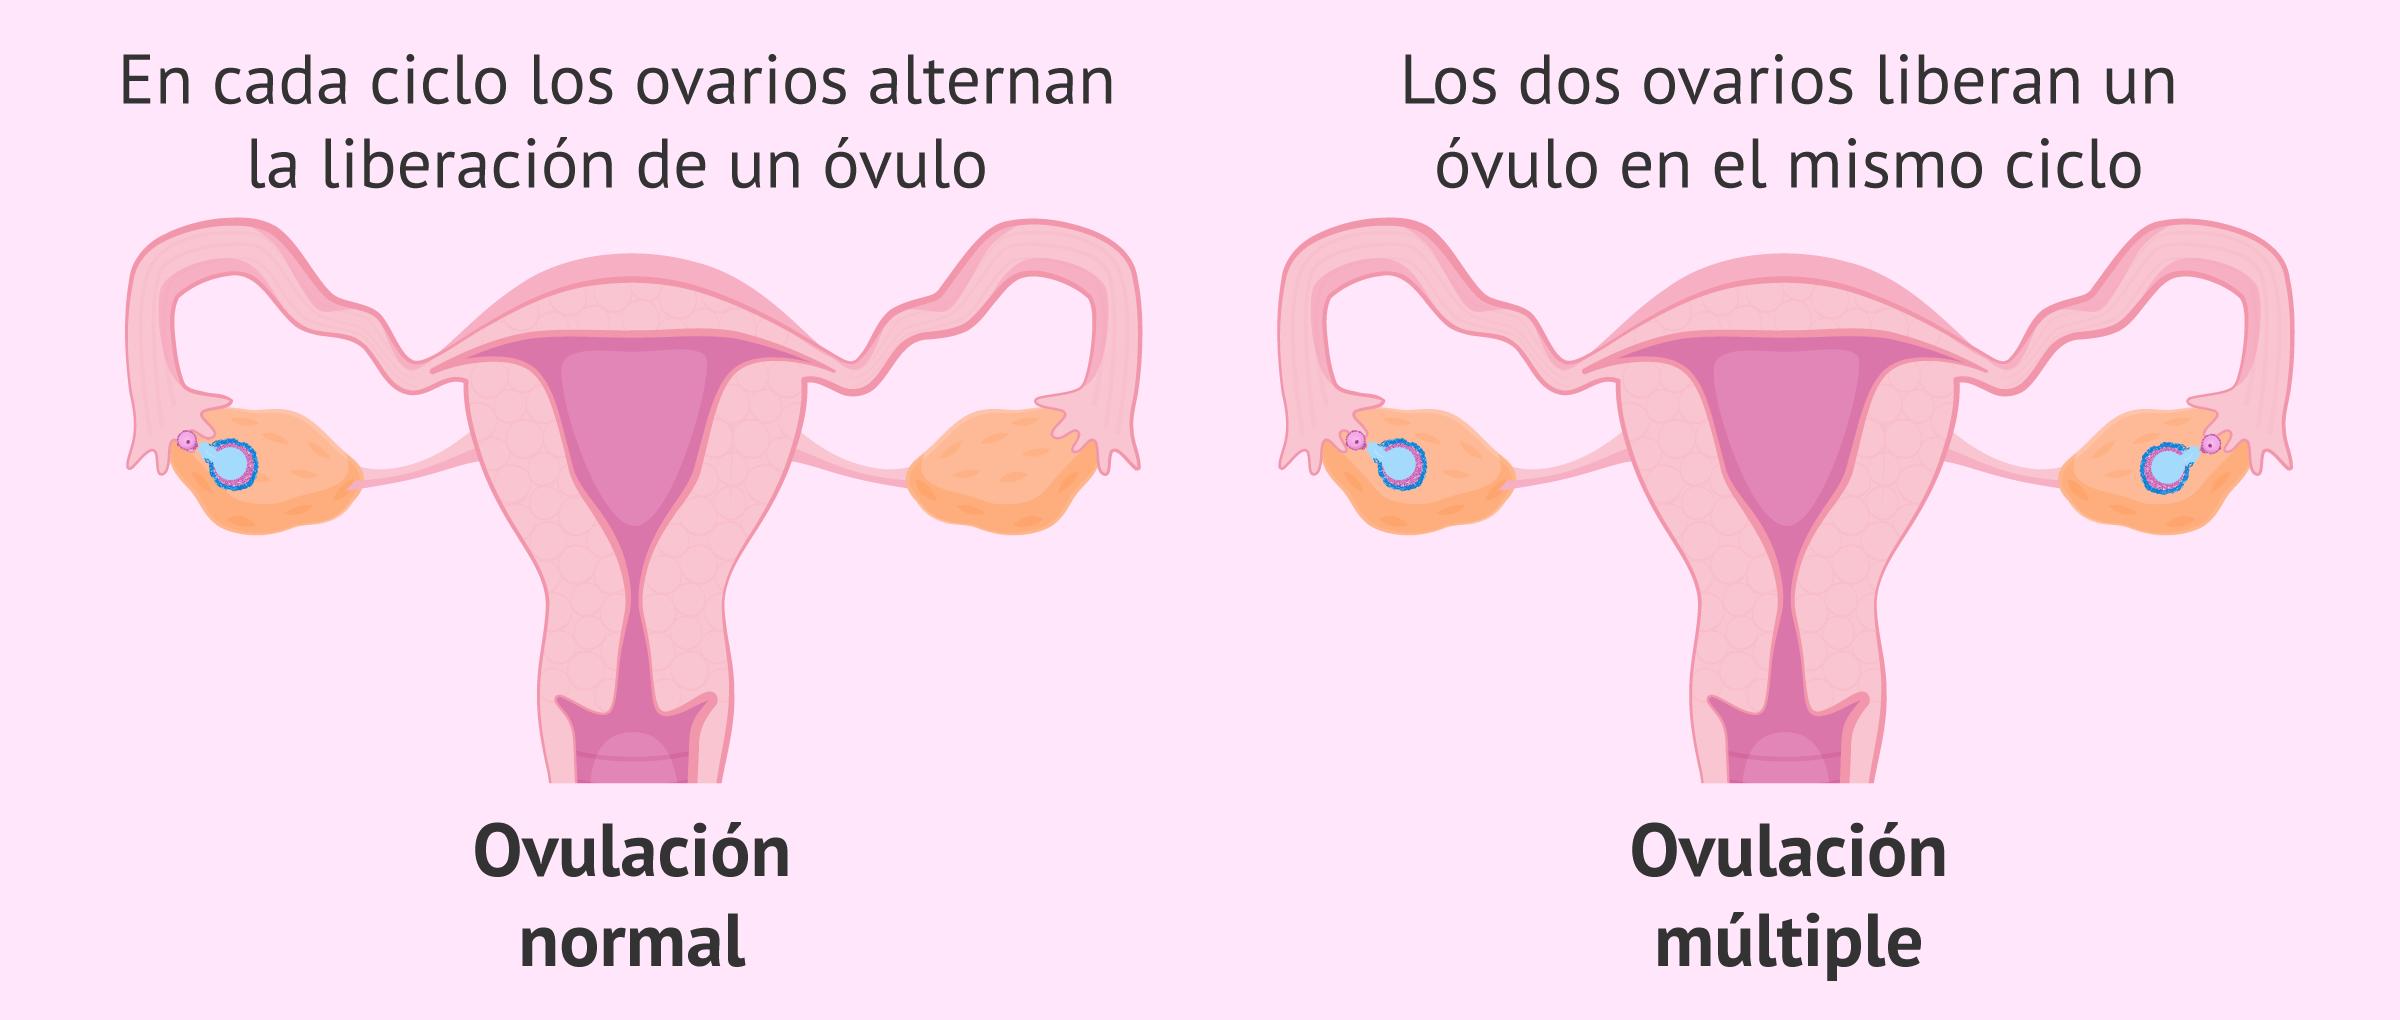 ¿Qué es la ovulación múltiple y cuáles son sus causas?